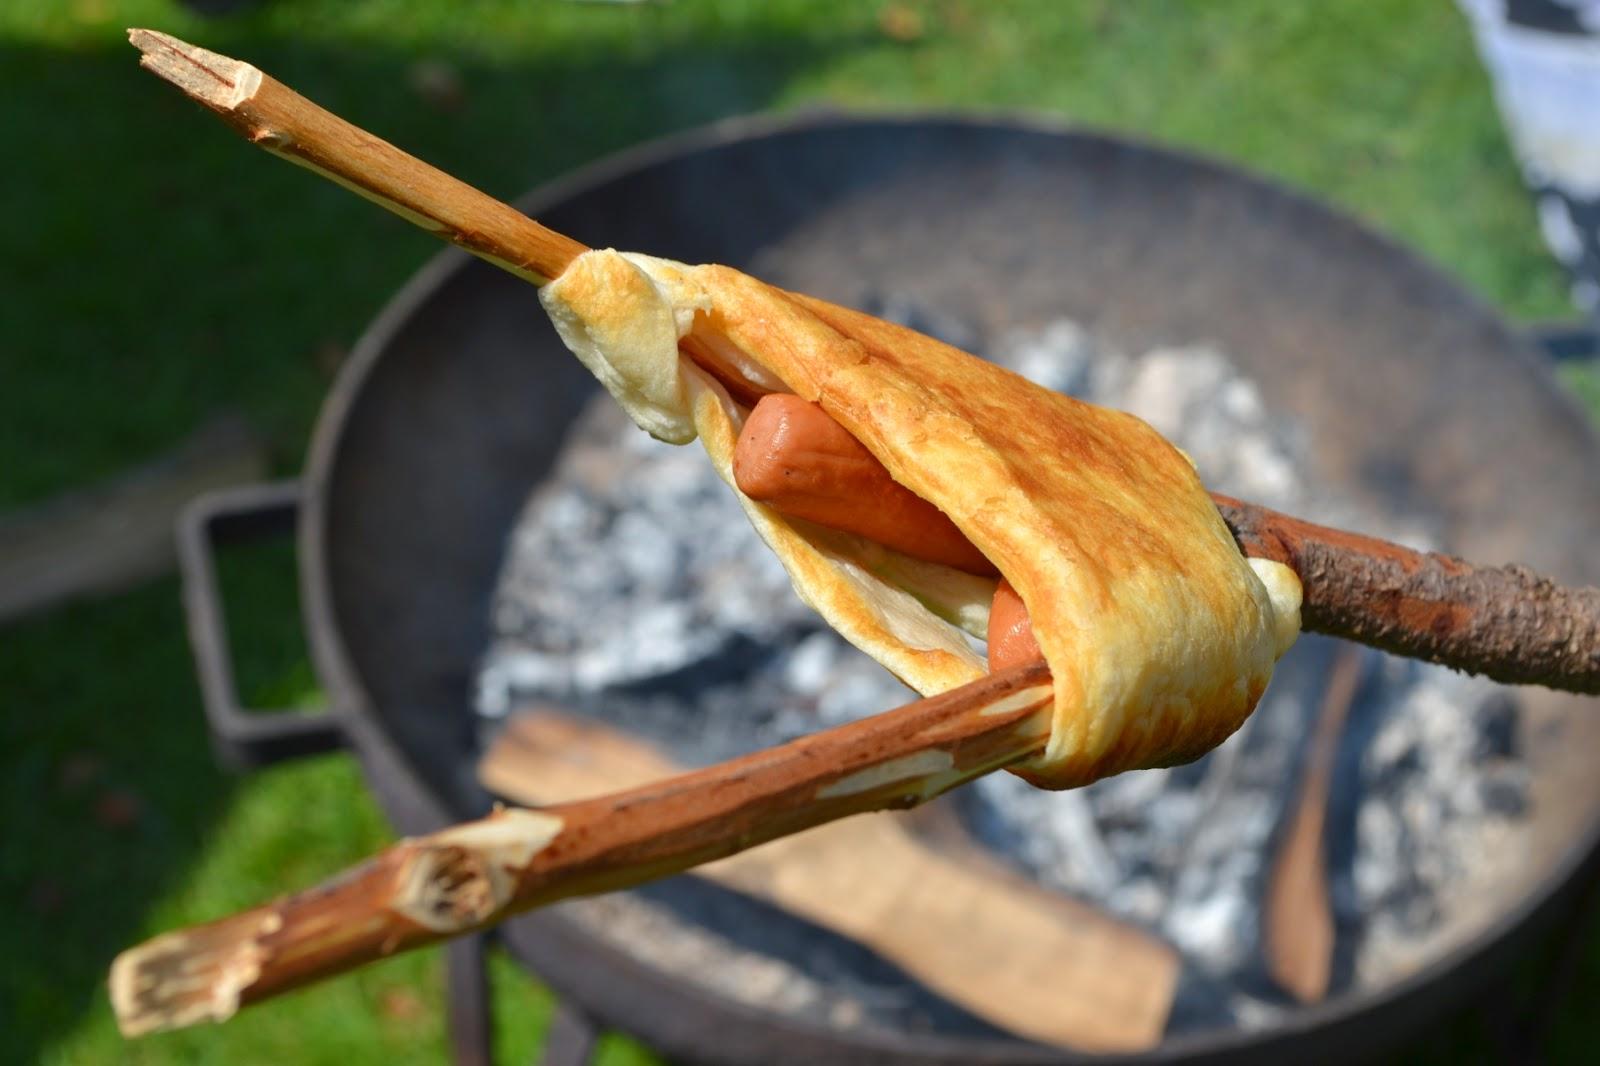 Vorkstok met gebakken croissantdeeg en een knakworst erin boven een bak hete houtskool